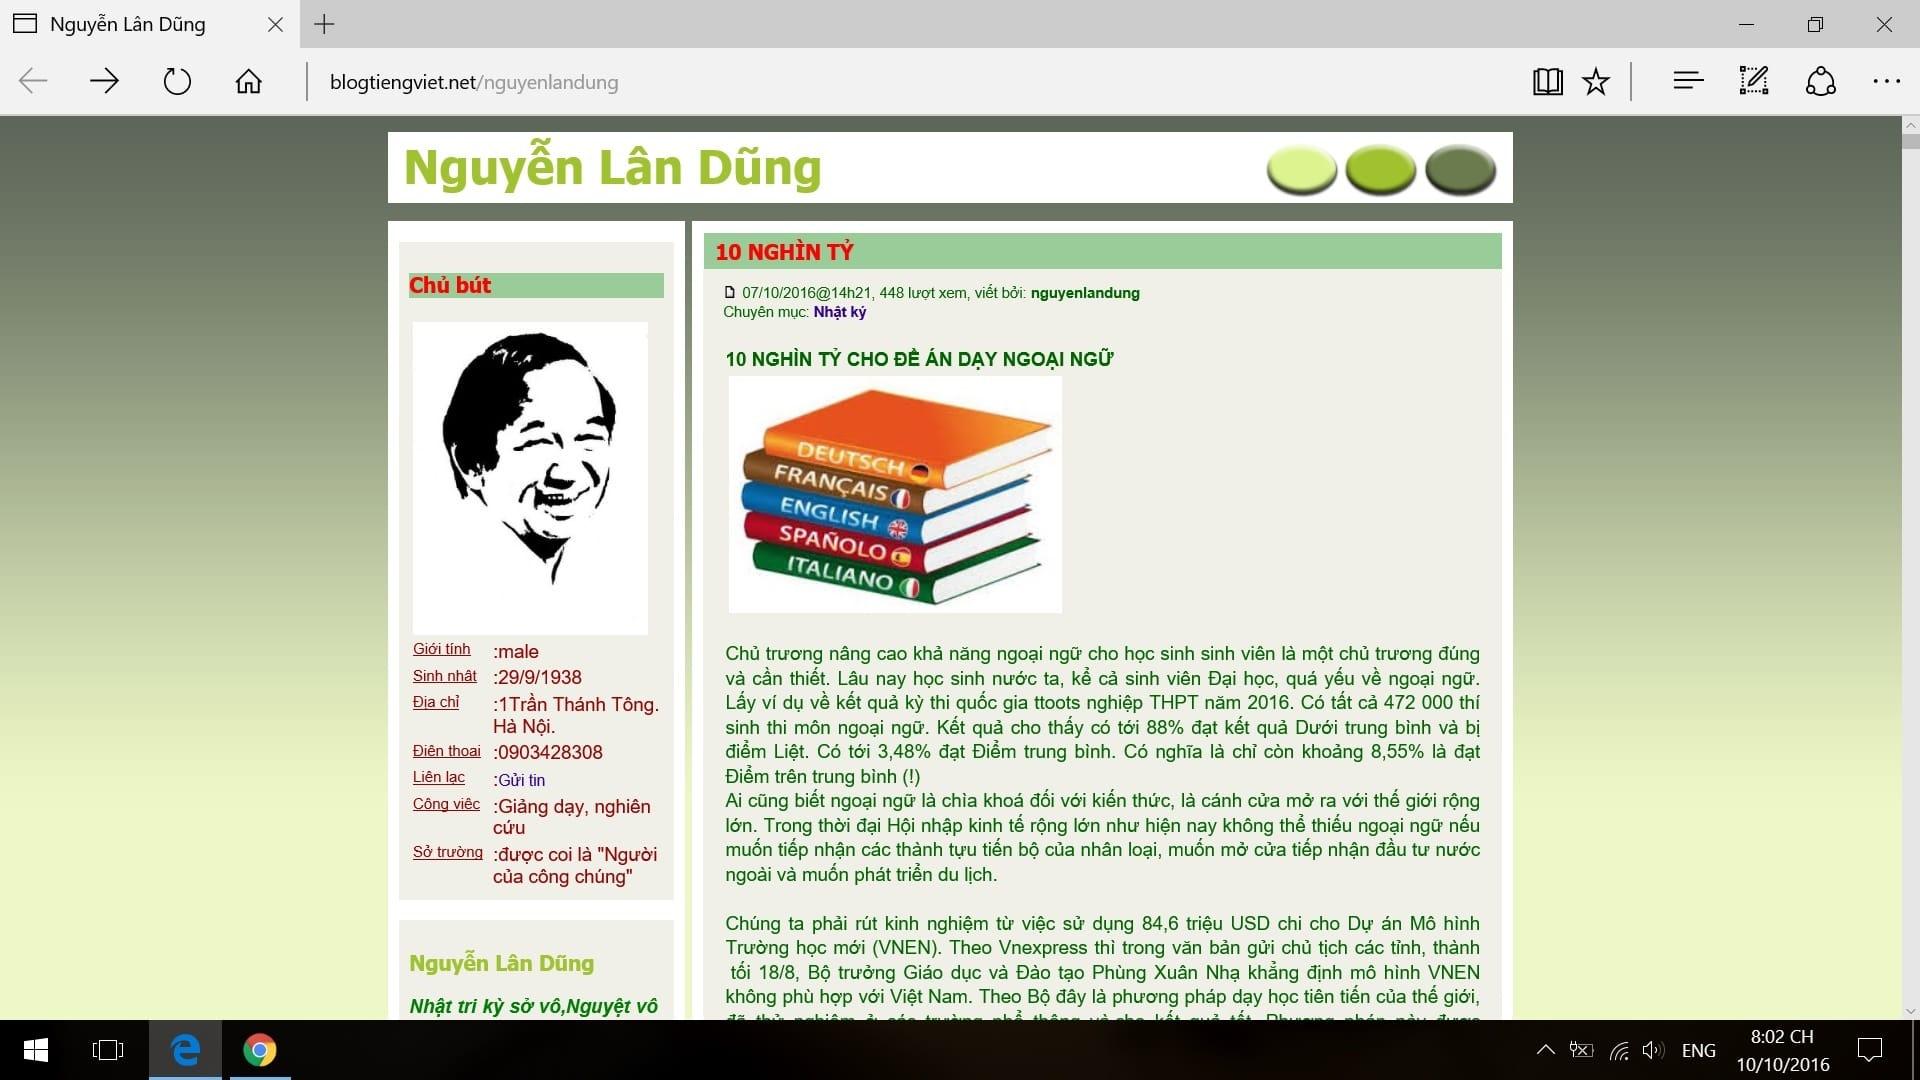 Trang blog ca nhan cua nha giao Nguyen Lan Dung